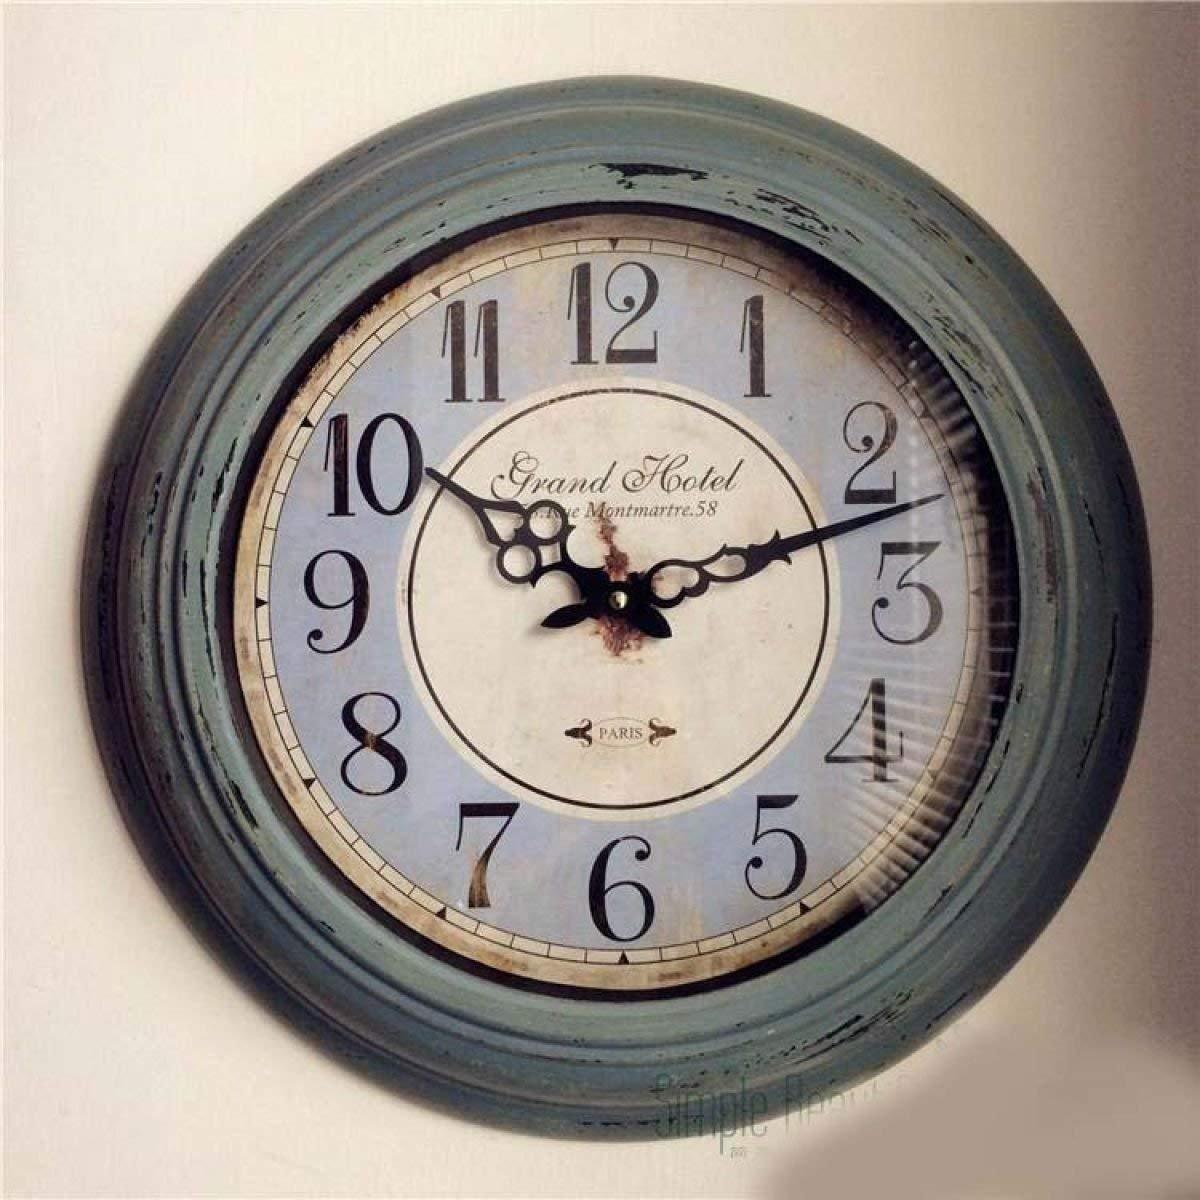 Mings Hermosa y Practica Reloj de Pared Simple Silencio Sala de Estar Reloj de Pared Reloj Retro de Hierro Forjado con Antiguo Reloj de Pared